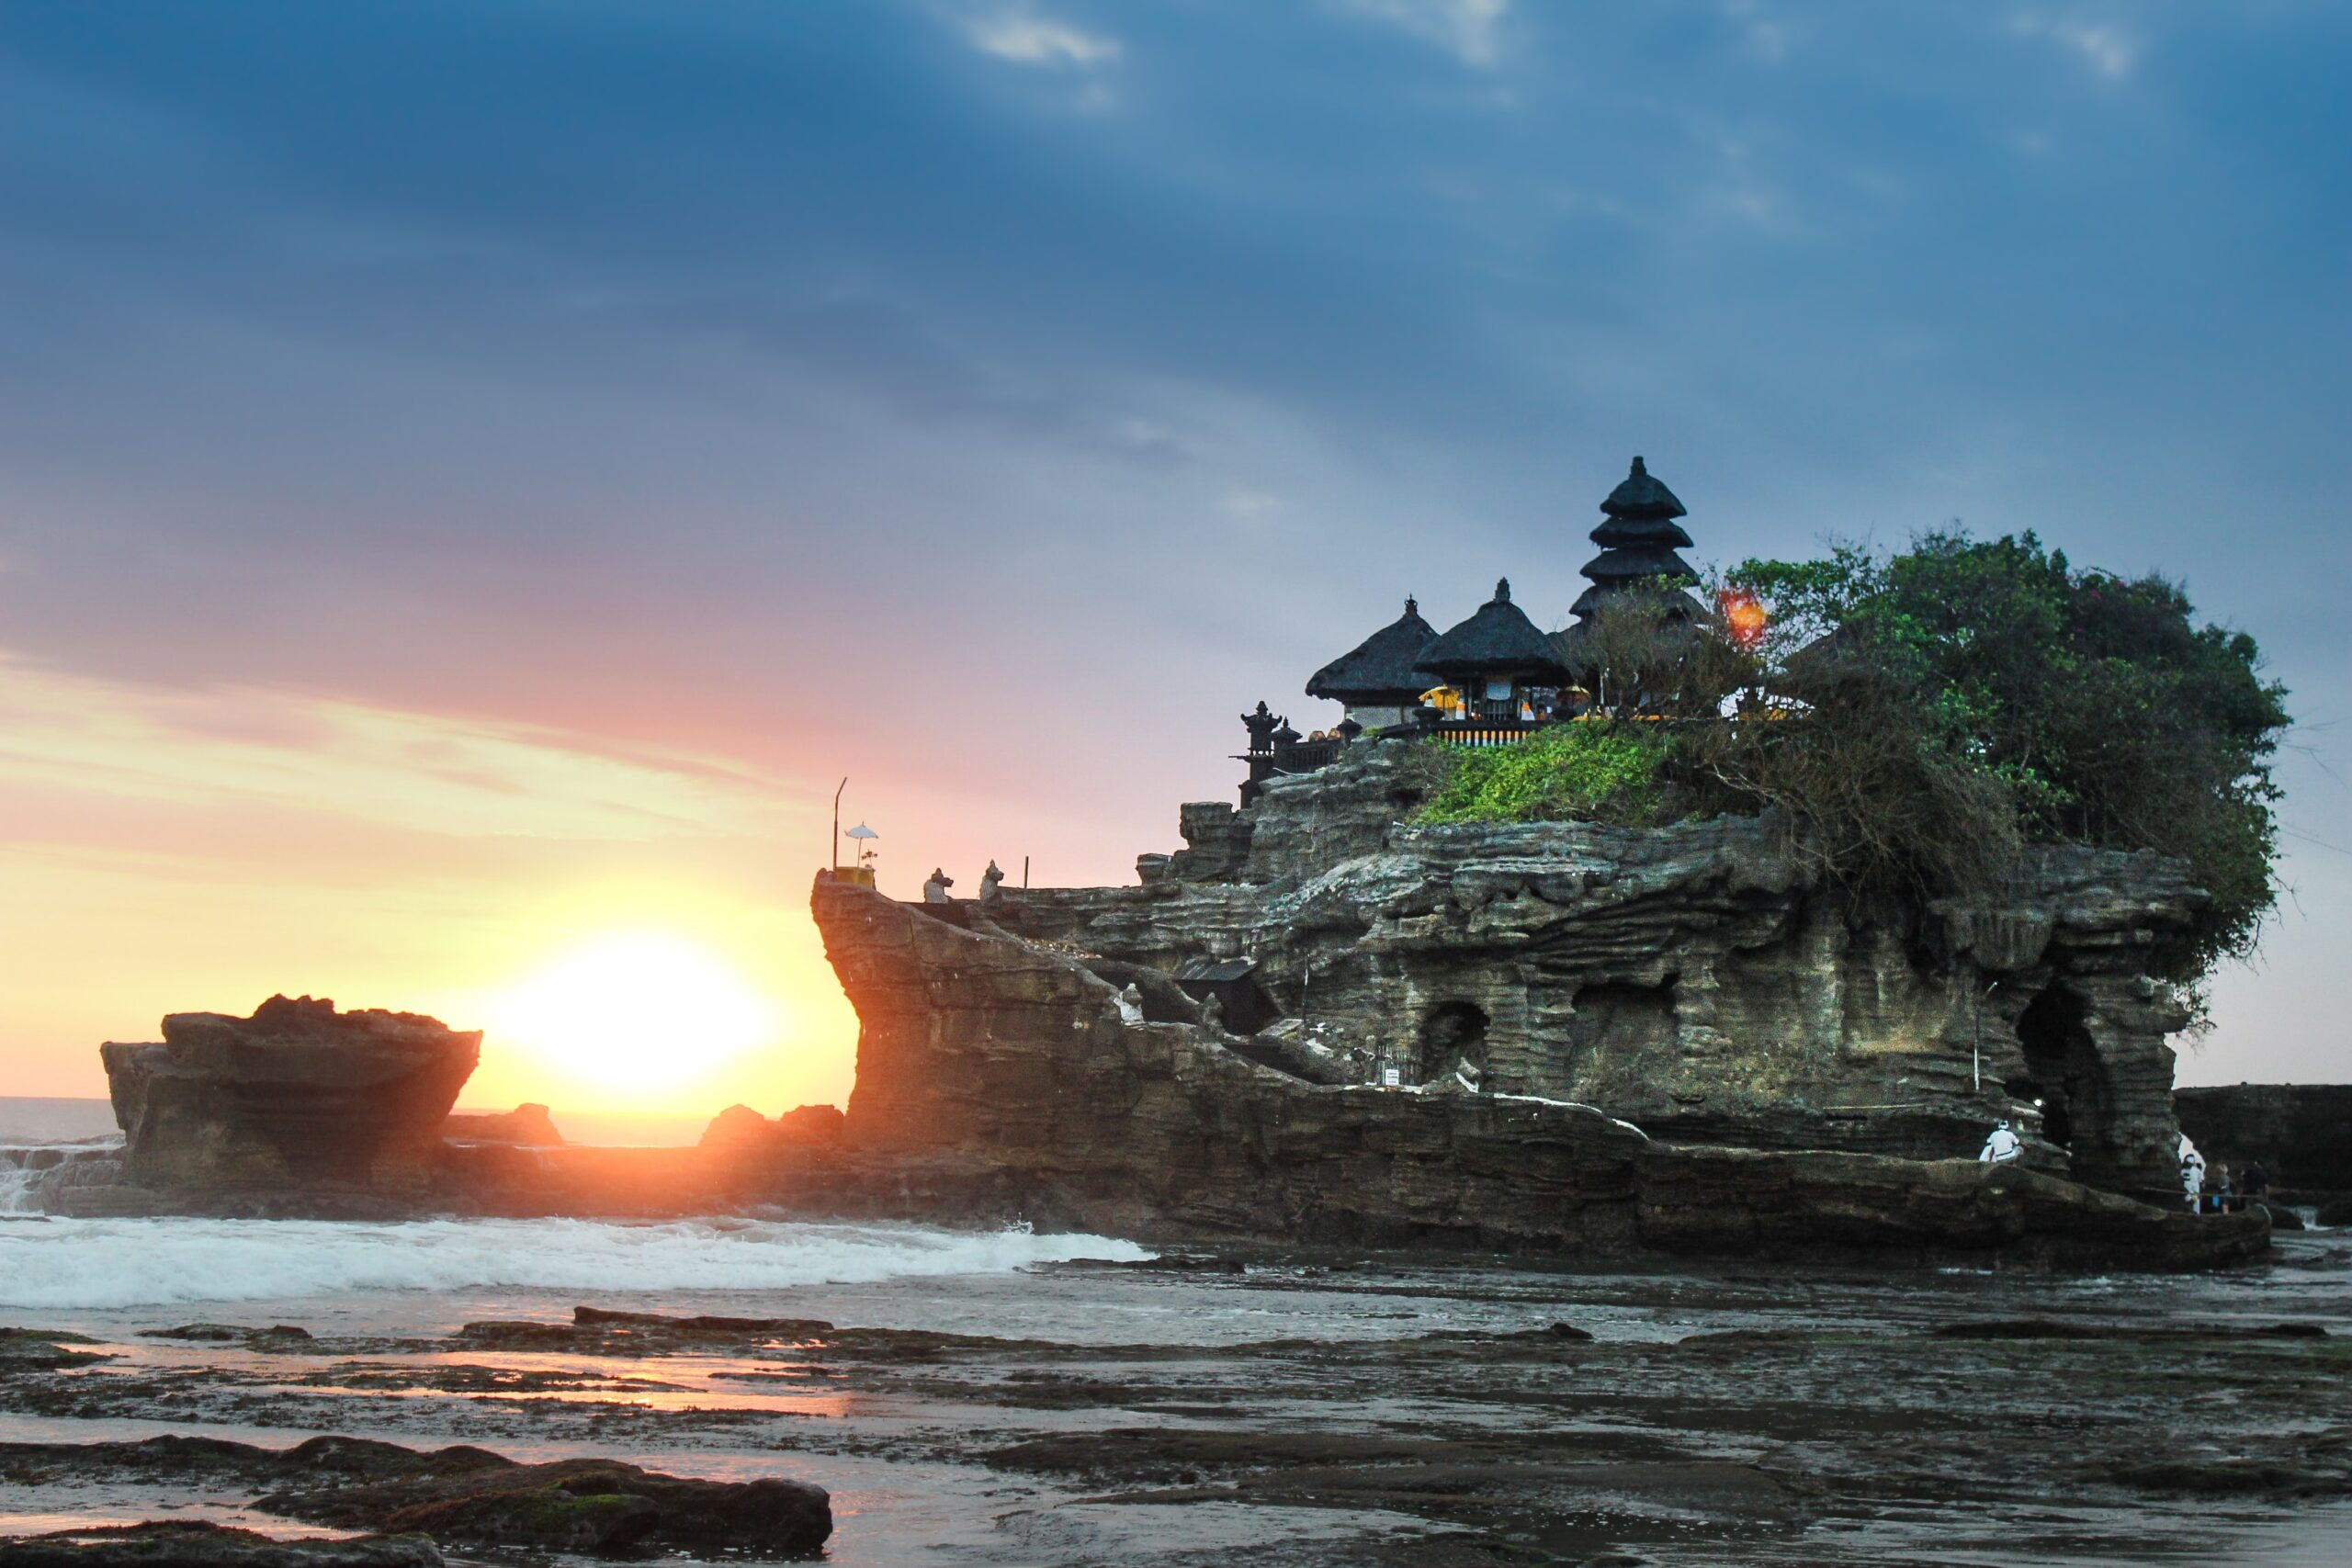 Bali Tourism reopening 2021